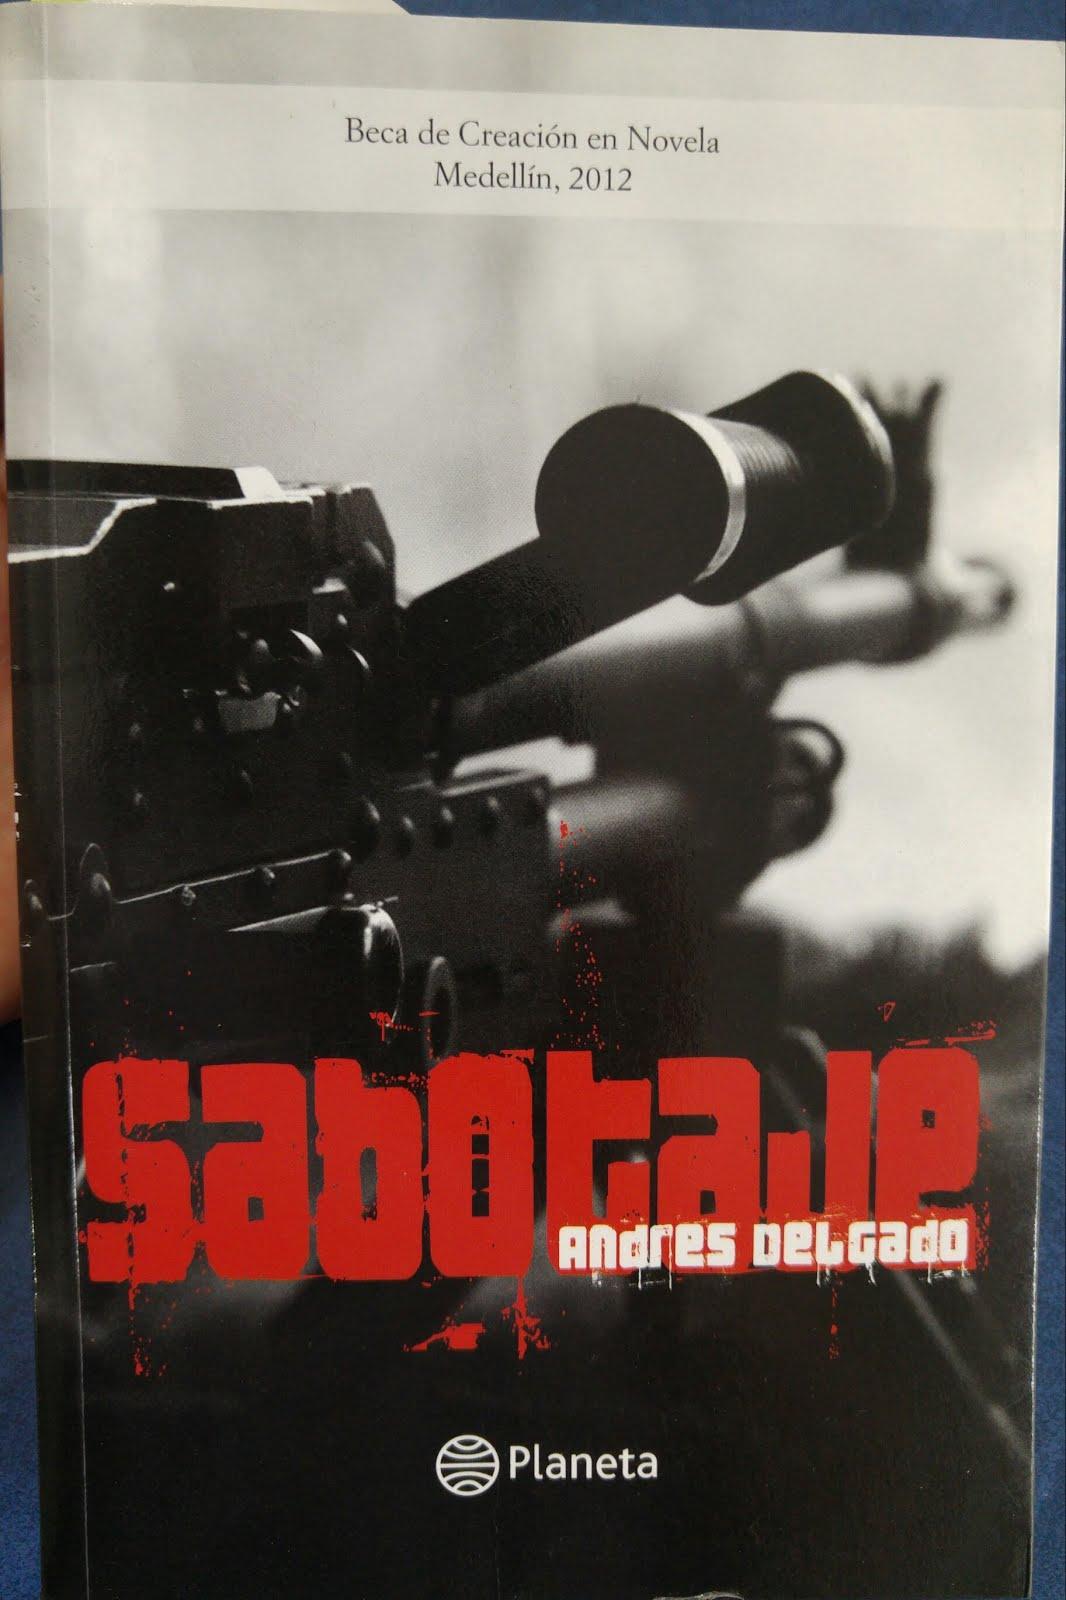 Primera edición de Sabotaje